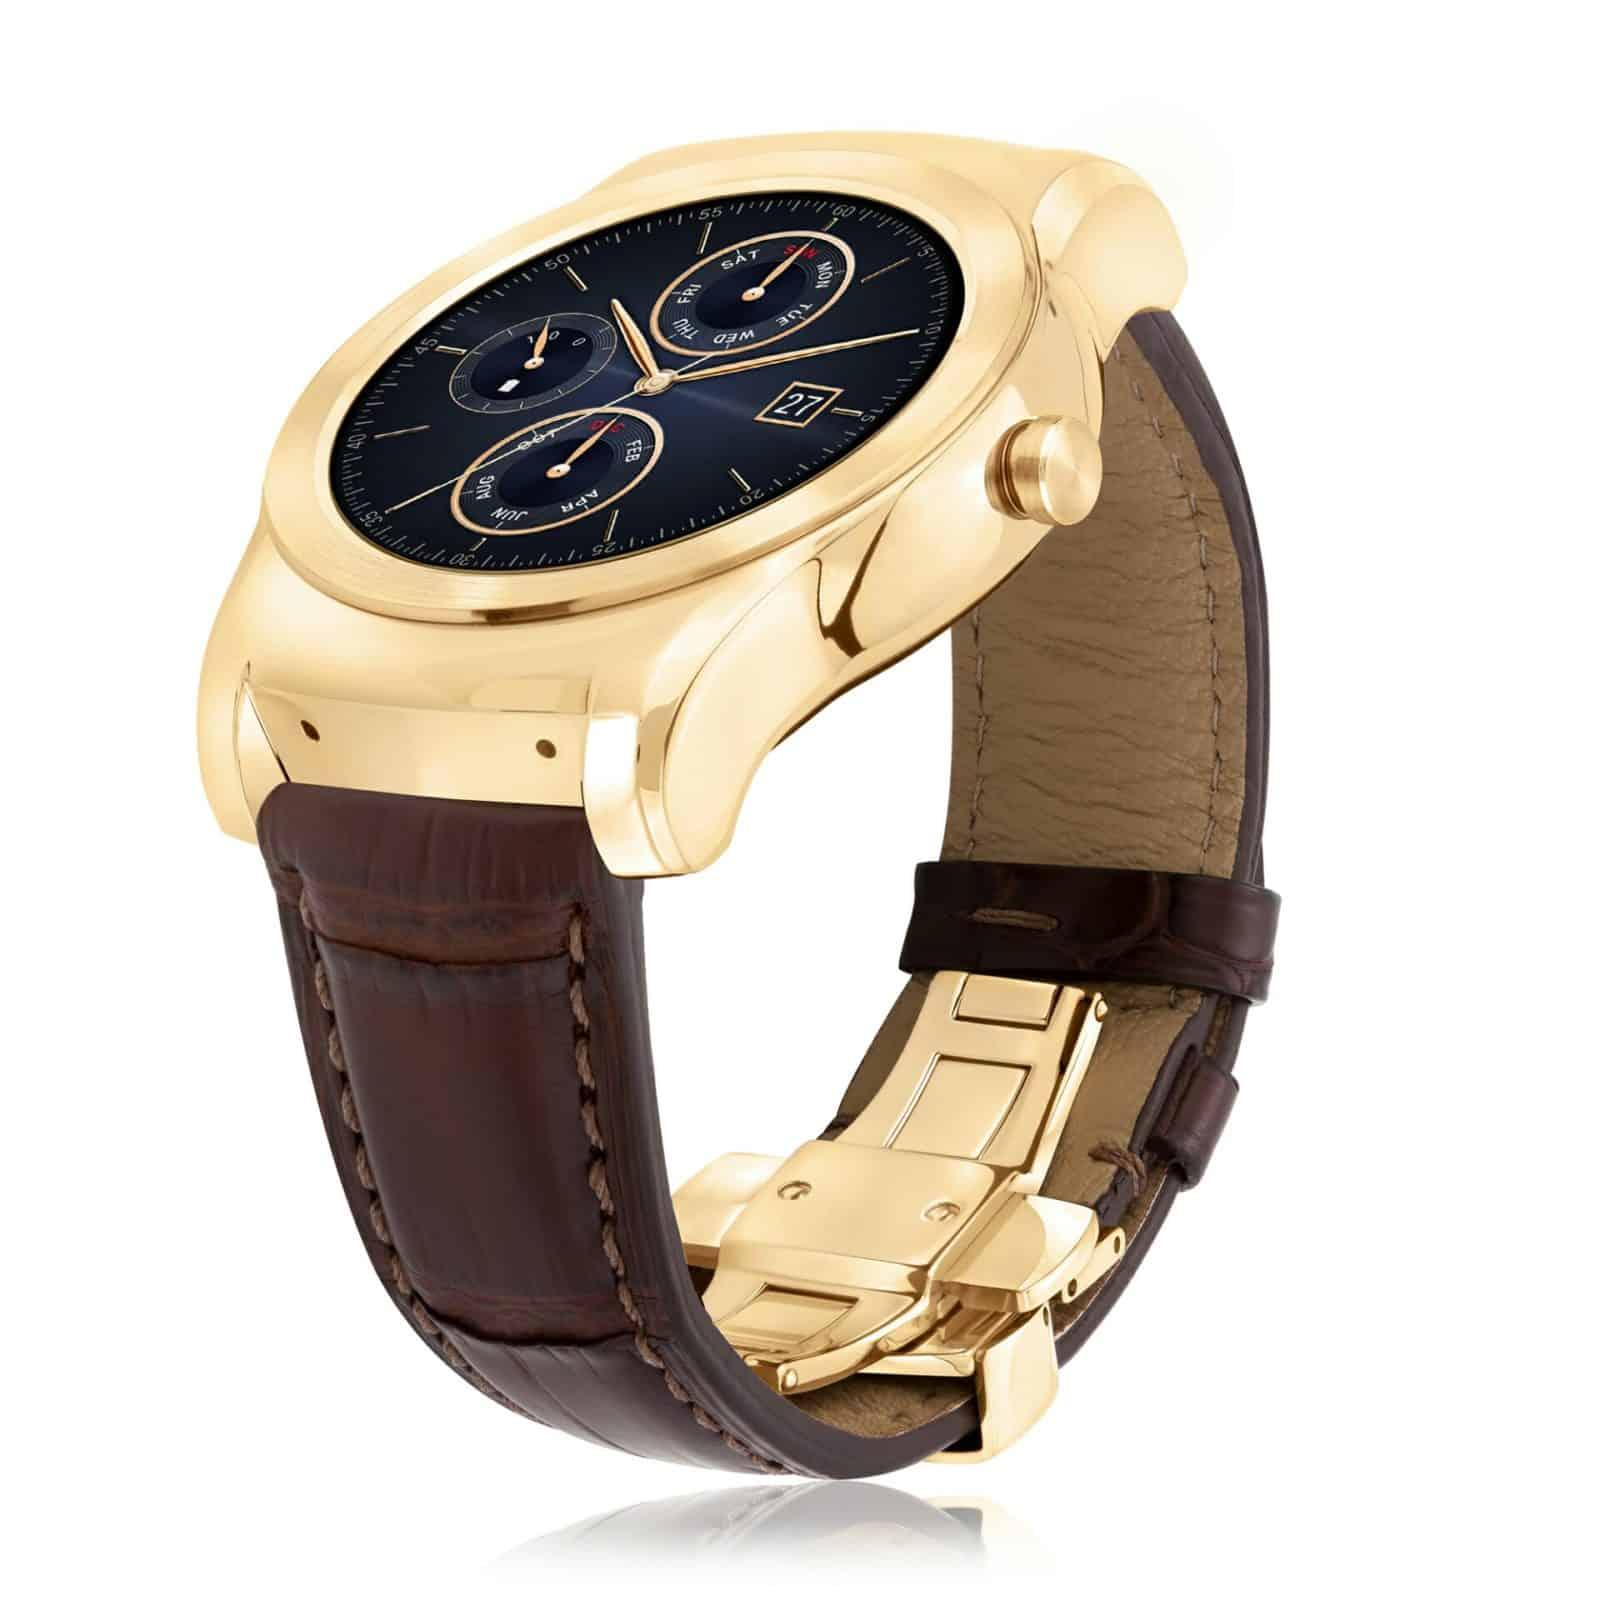 LG Watch Urbane Luxe_1